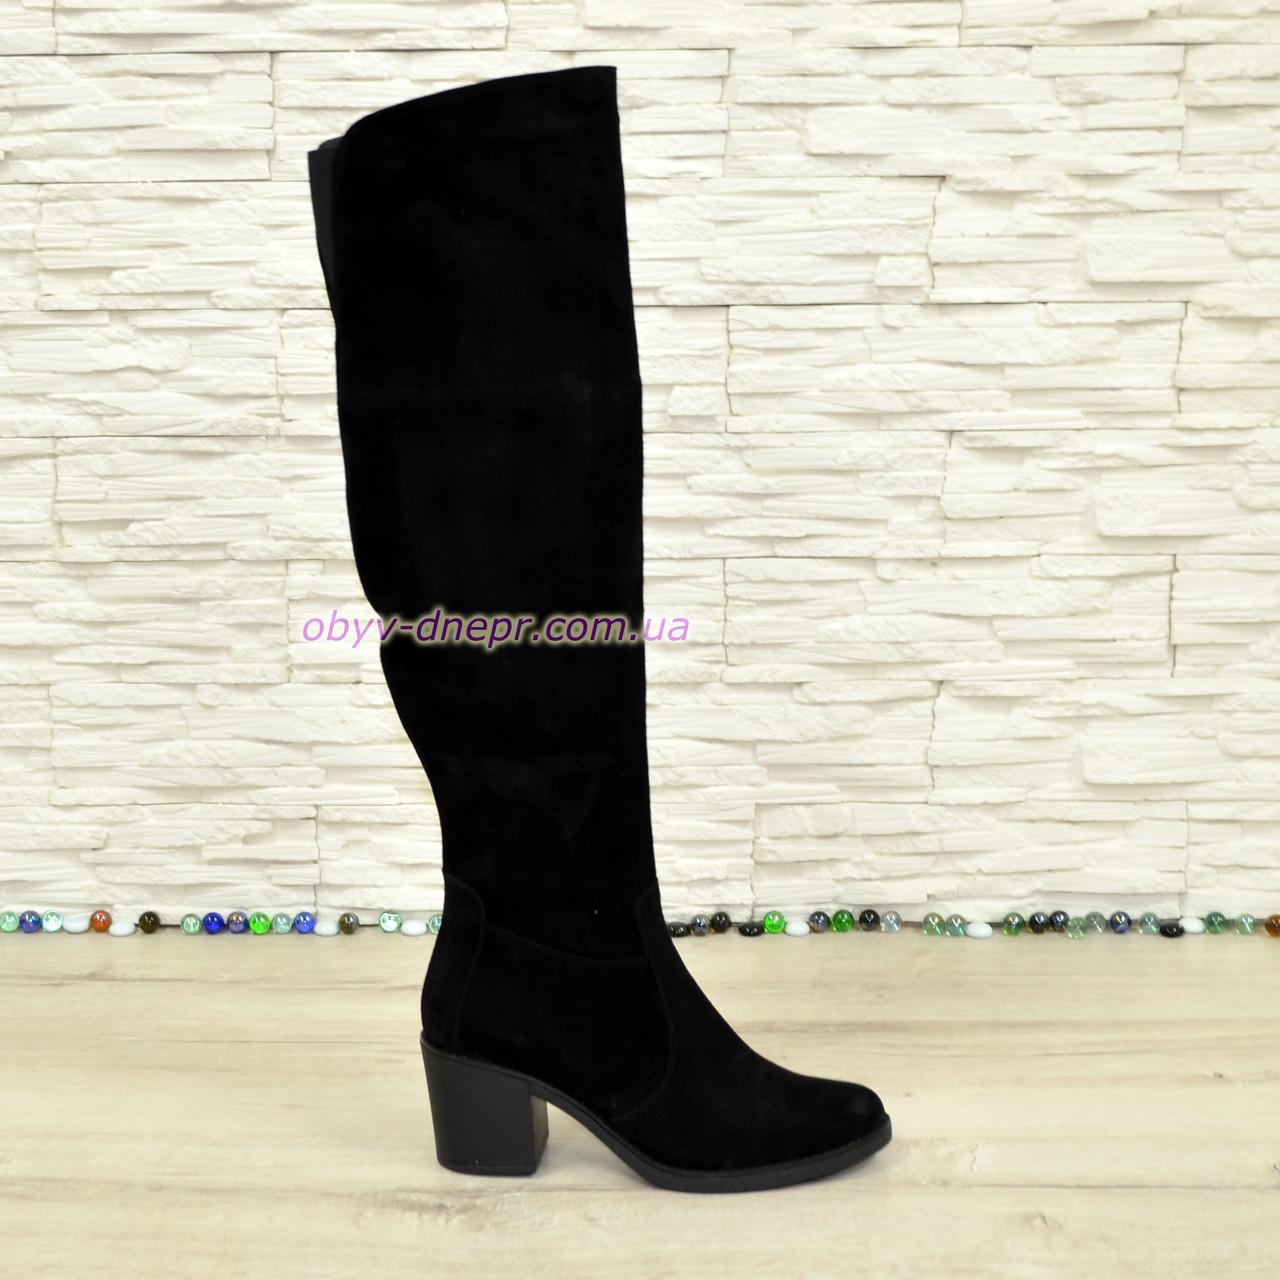 Ботфорты зимние замшевые на устойчивом каблуке, цвет черный.